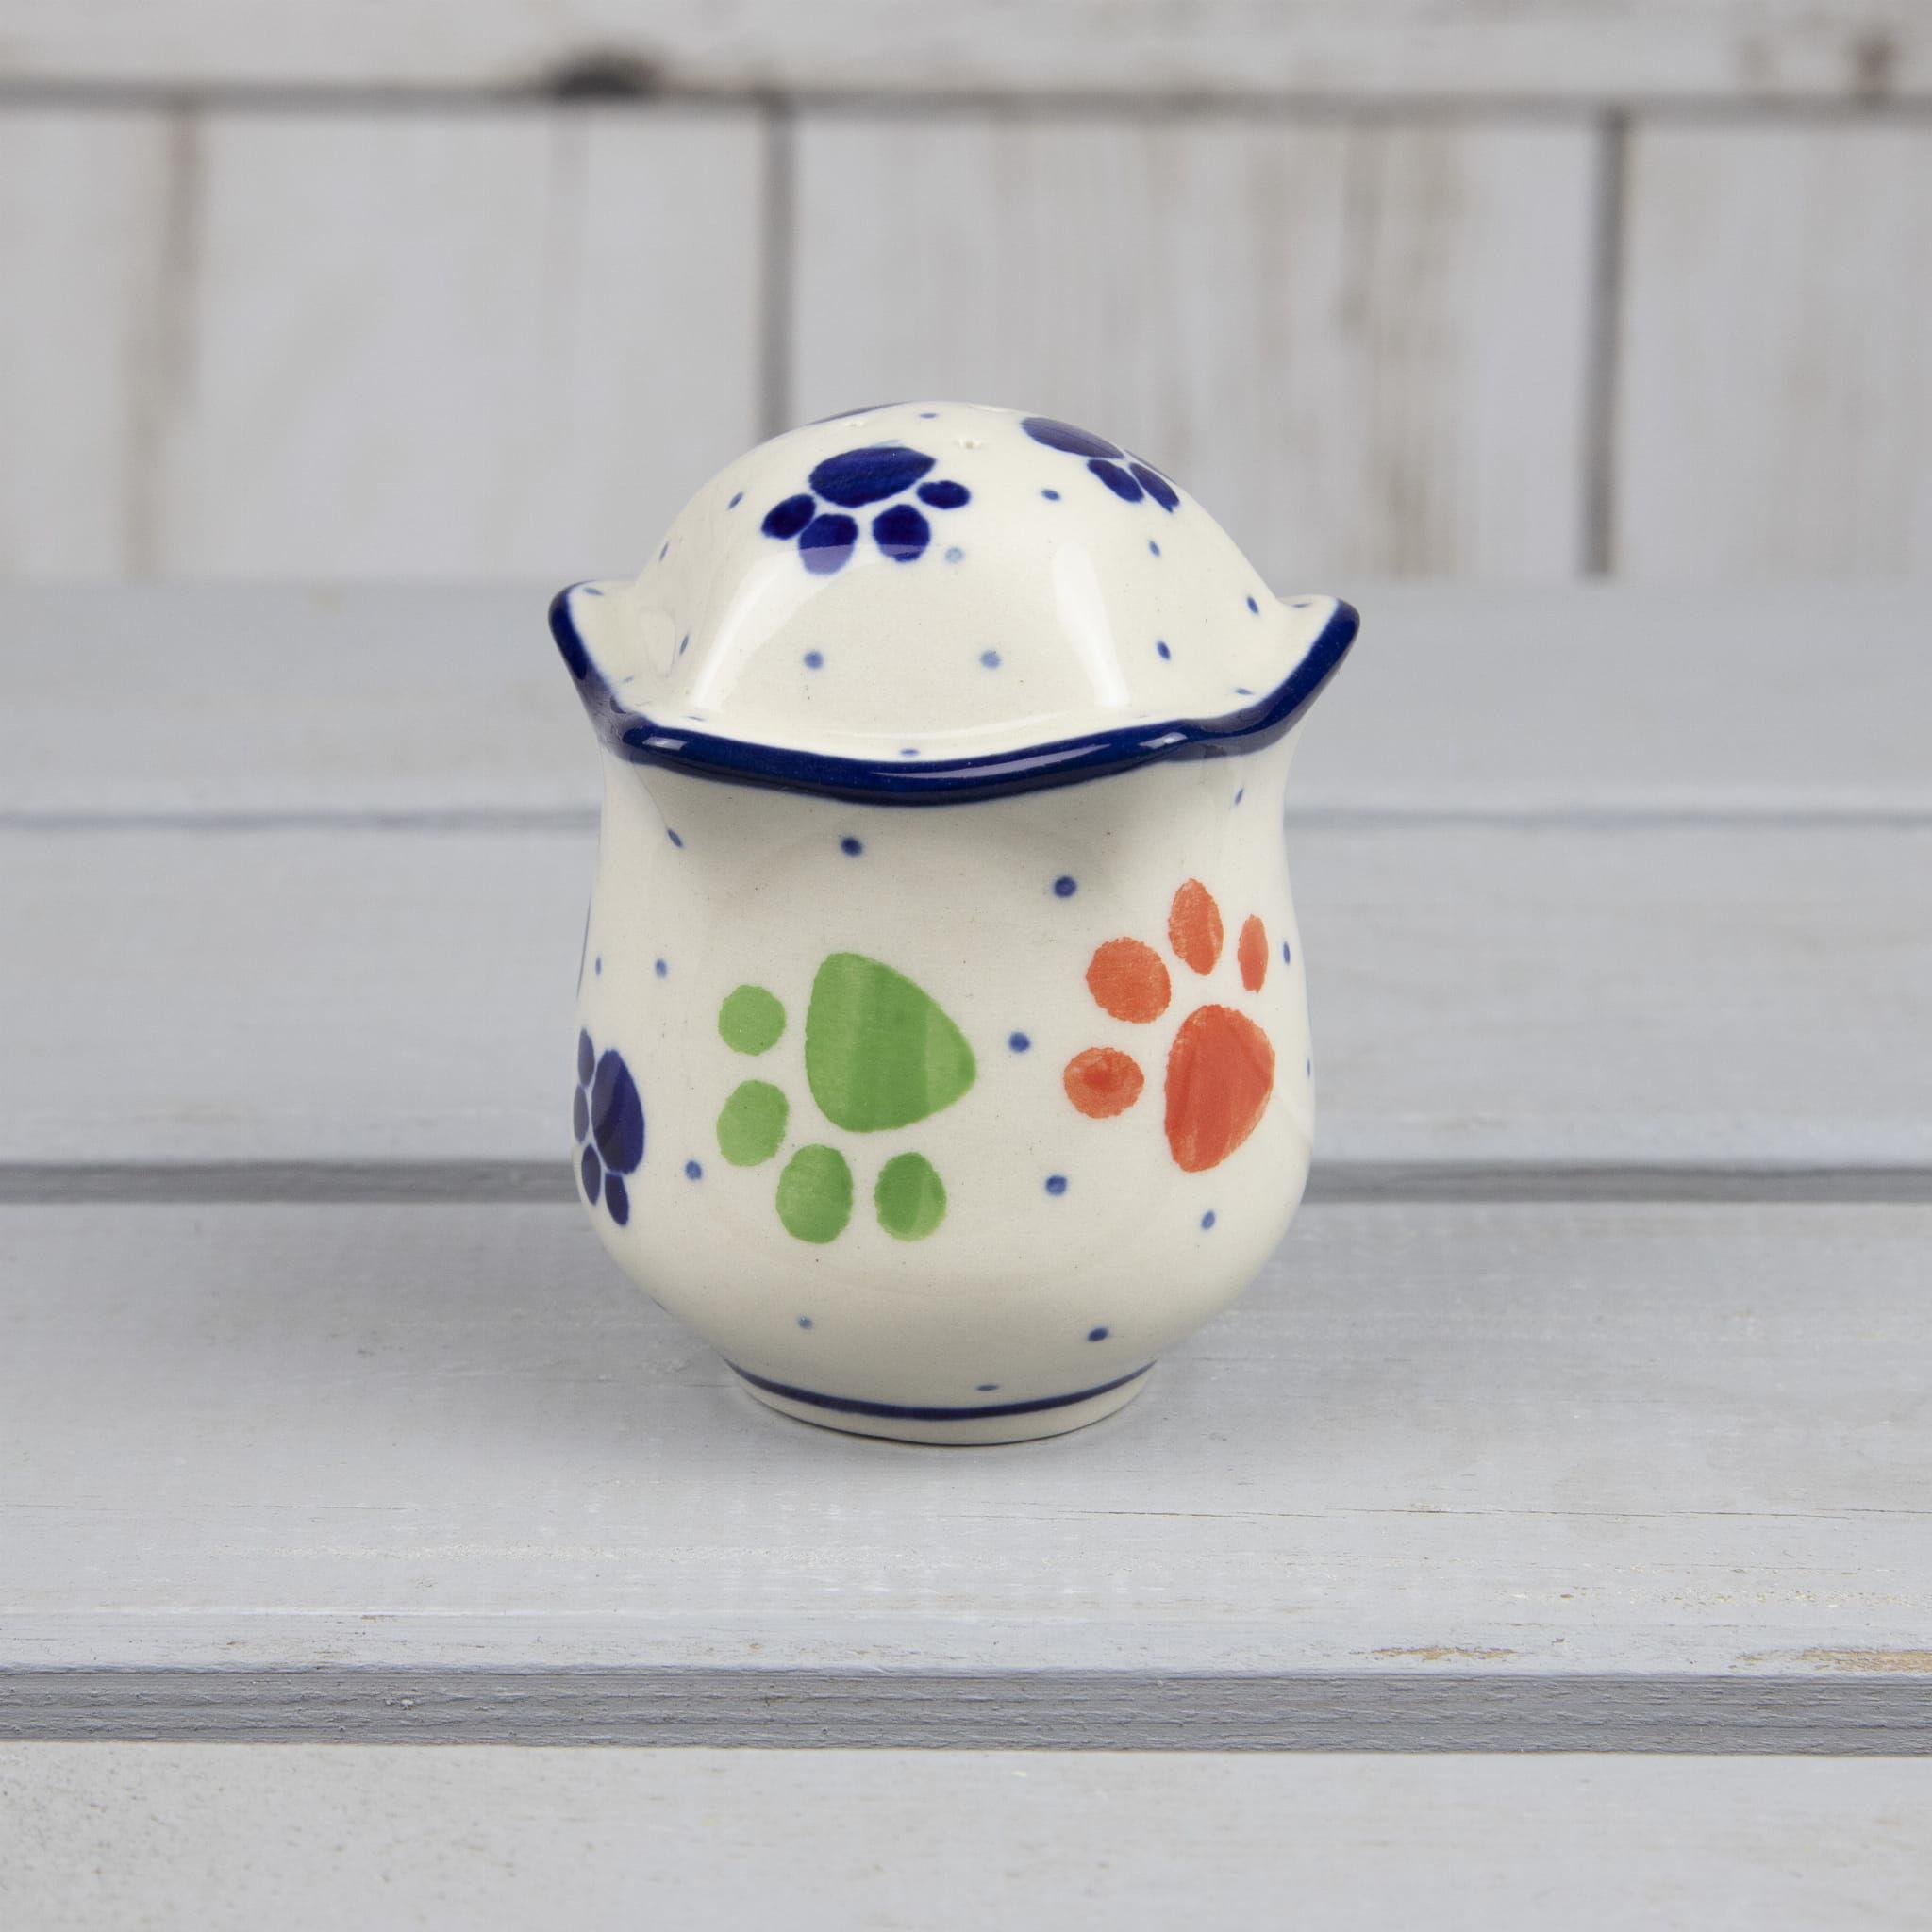 Pieprzniczka / solniczka ceramiczna, Bolesławiec